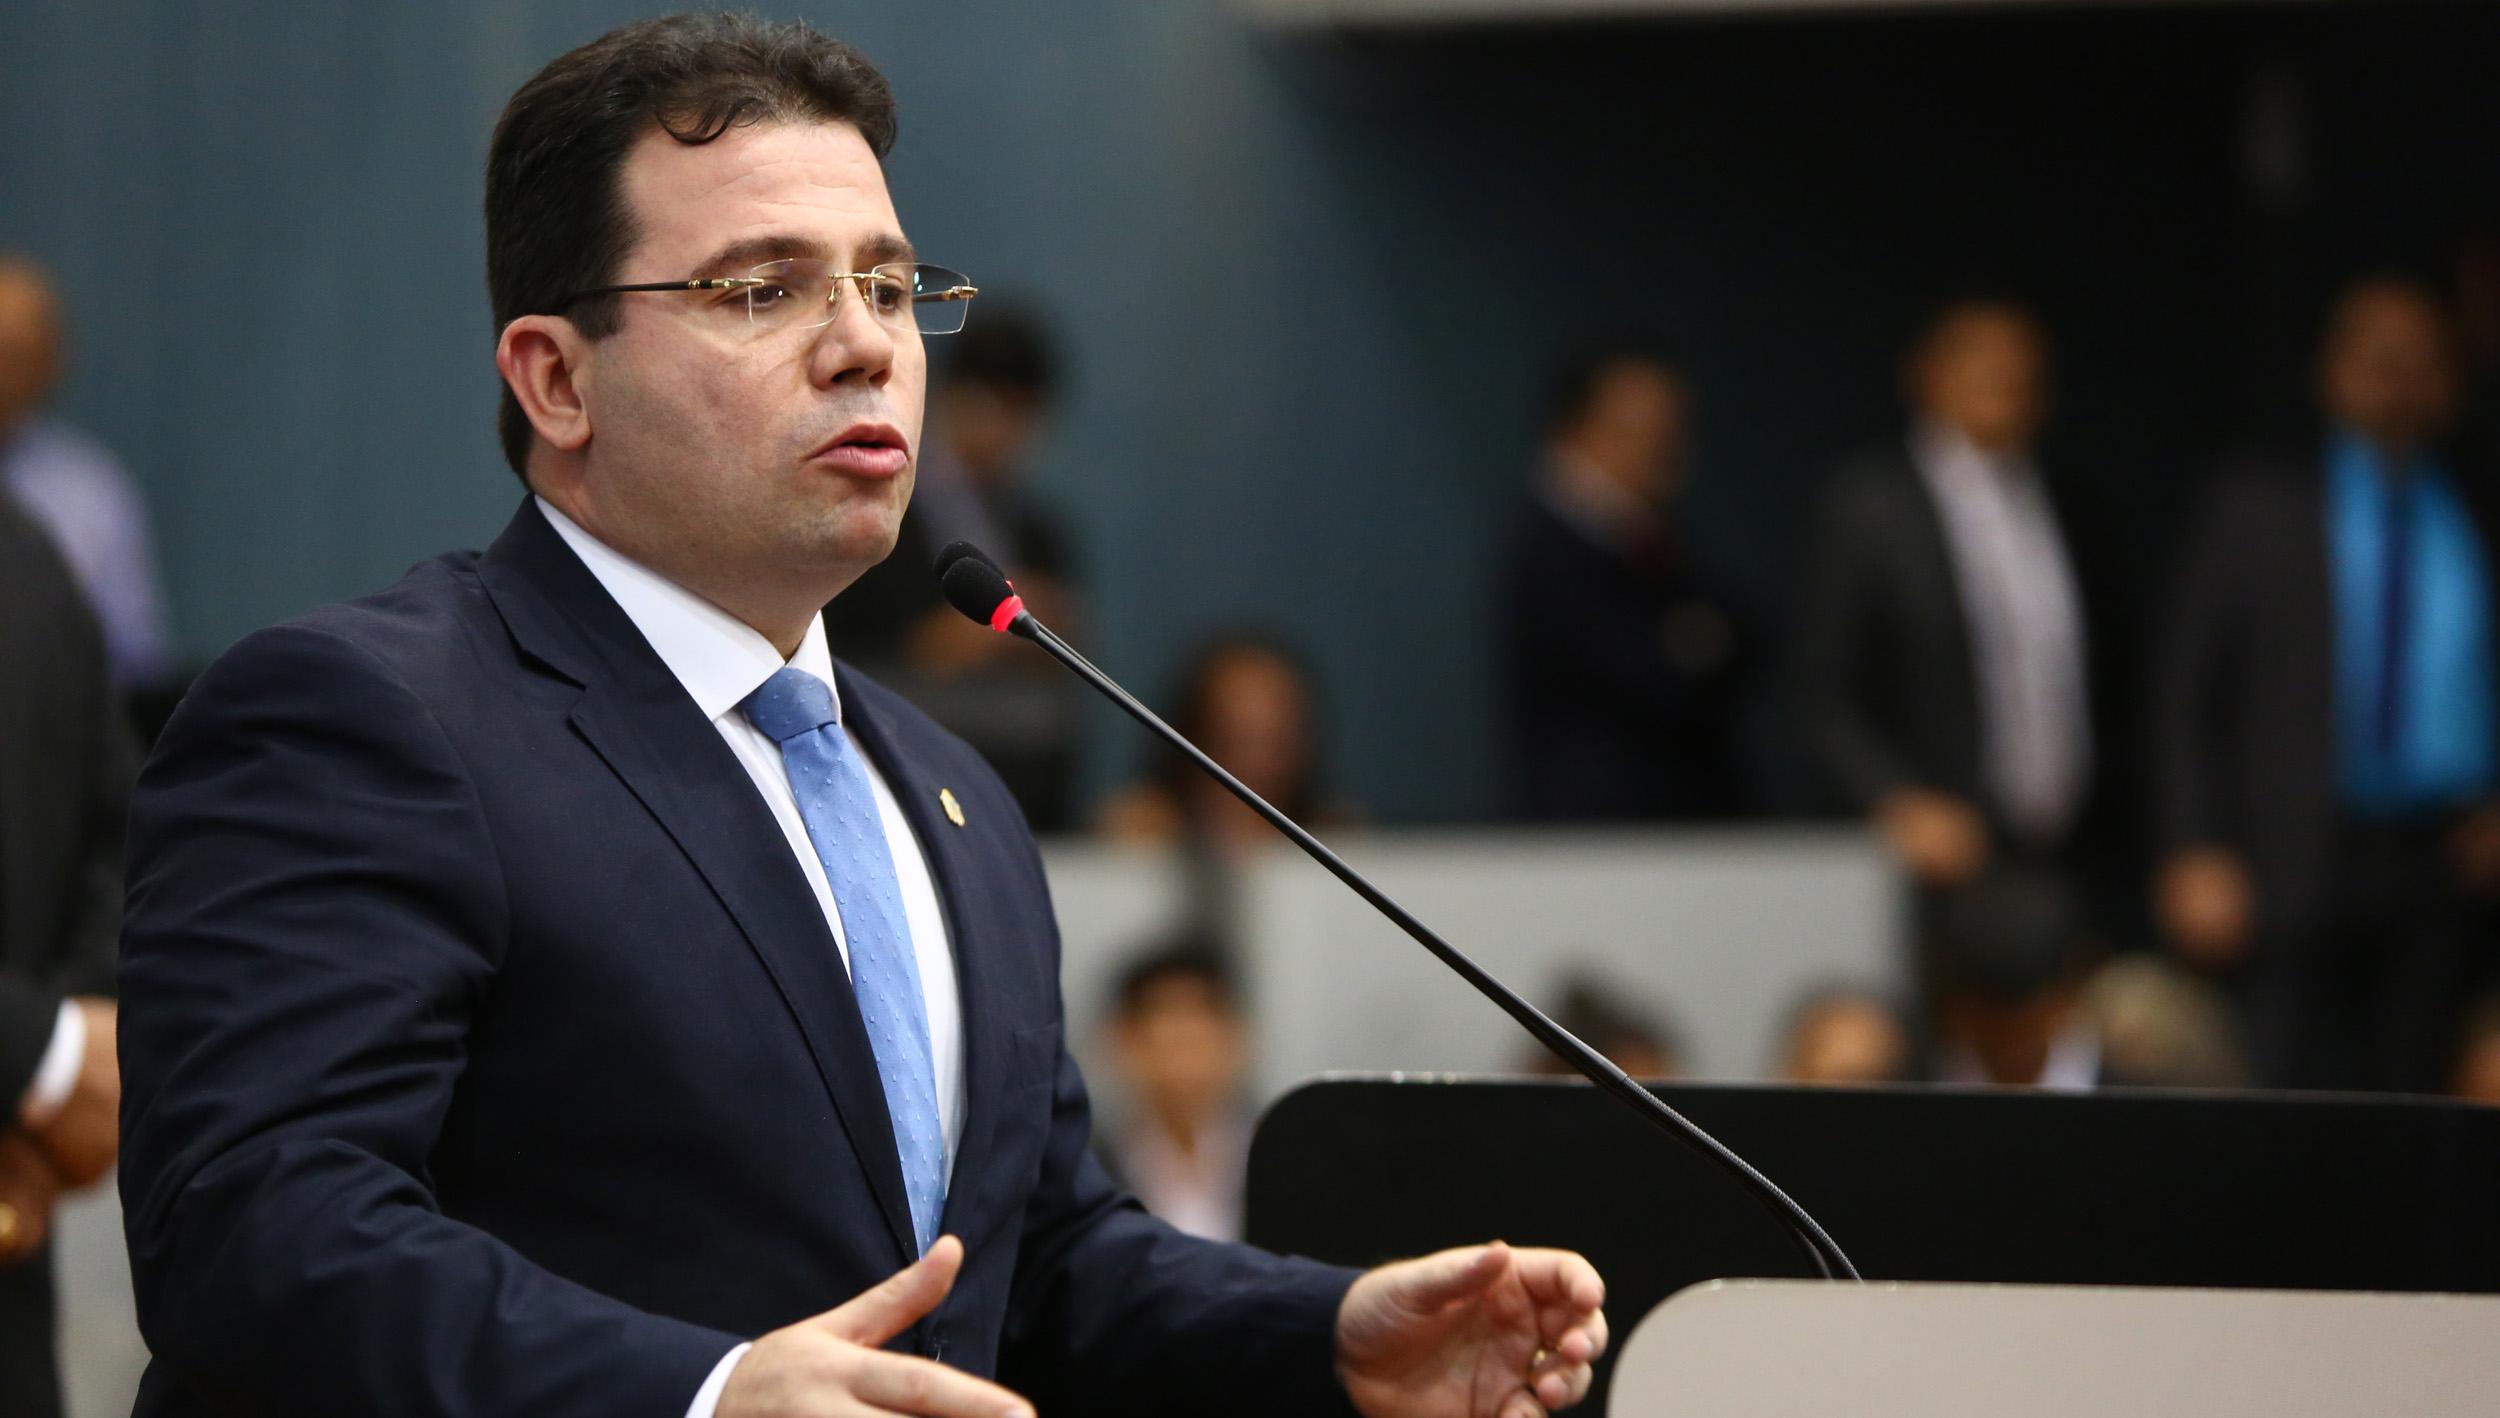 Vereador Wilker Barreto (PHS) / Foto: Tiago Corrêa - Dircom CMM